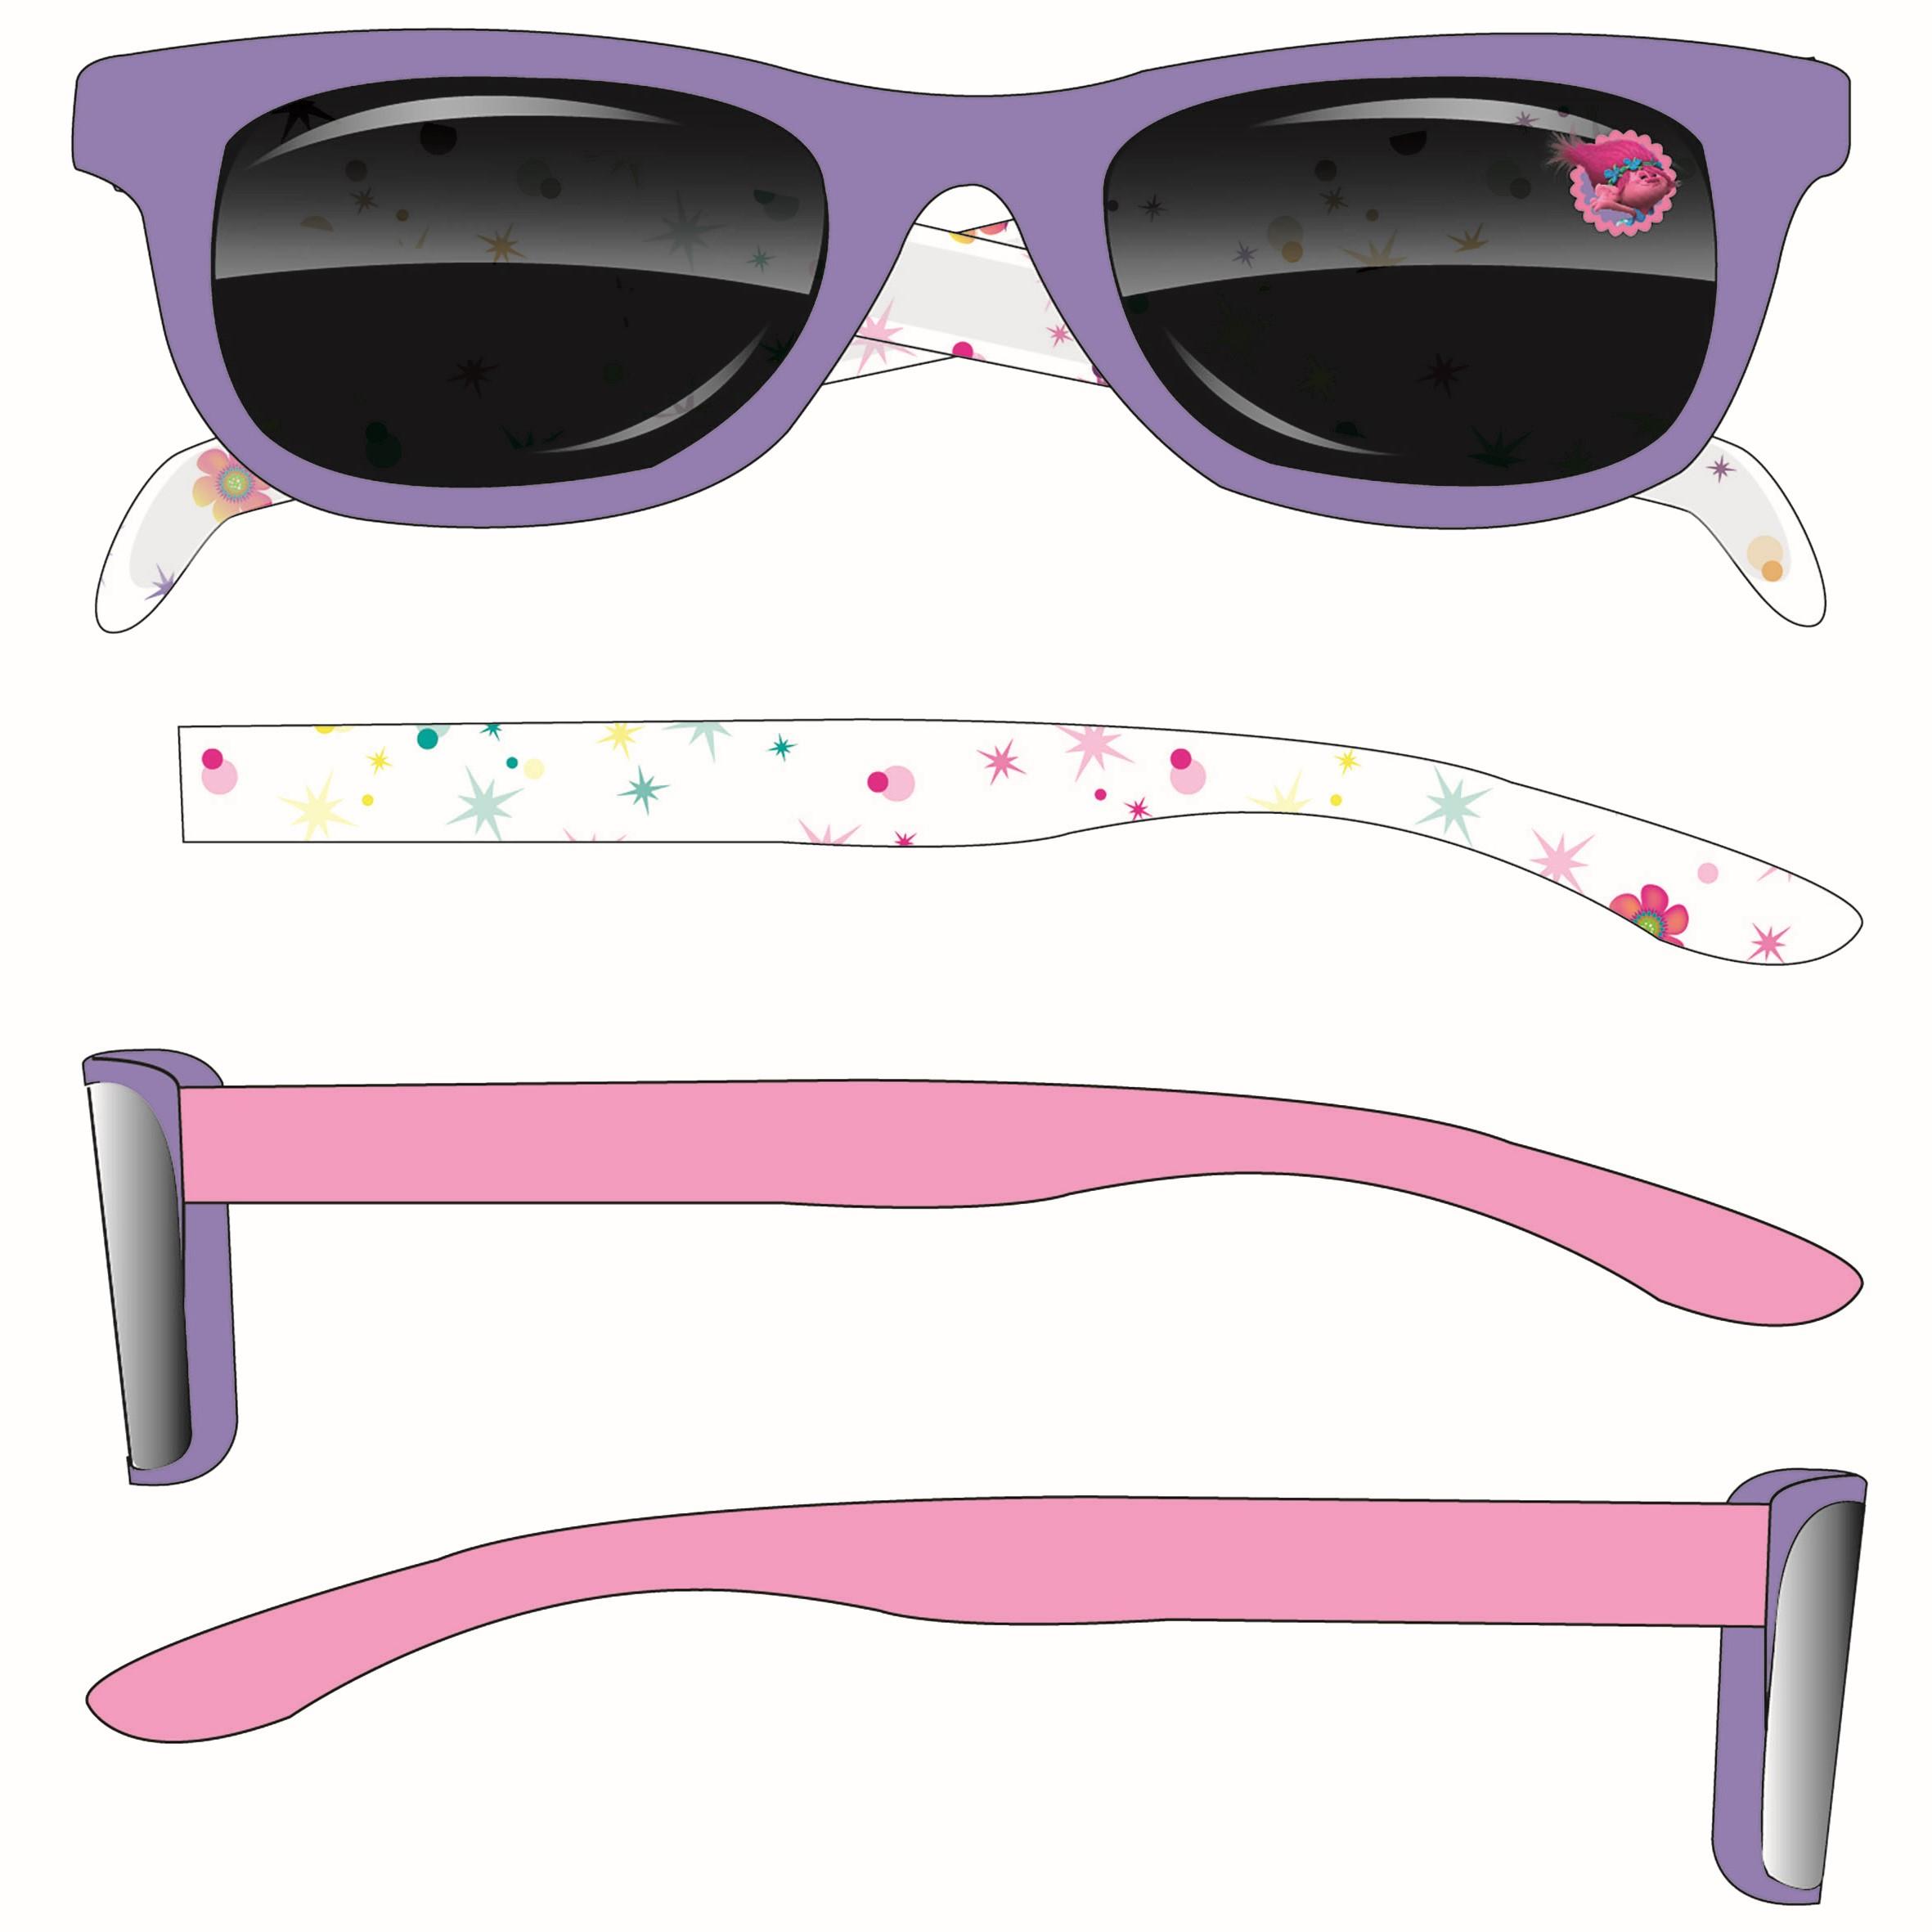 Van der Meulen 0894617 Bambini Wayfarer Moda occhiali da sole